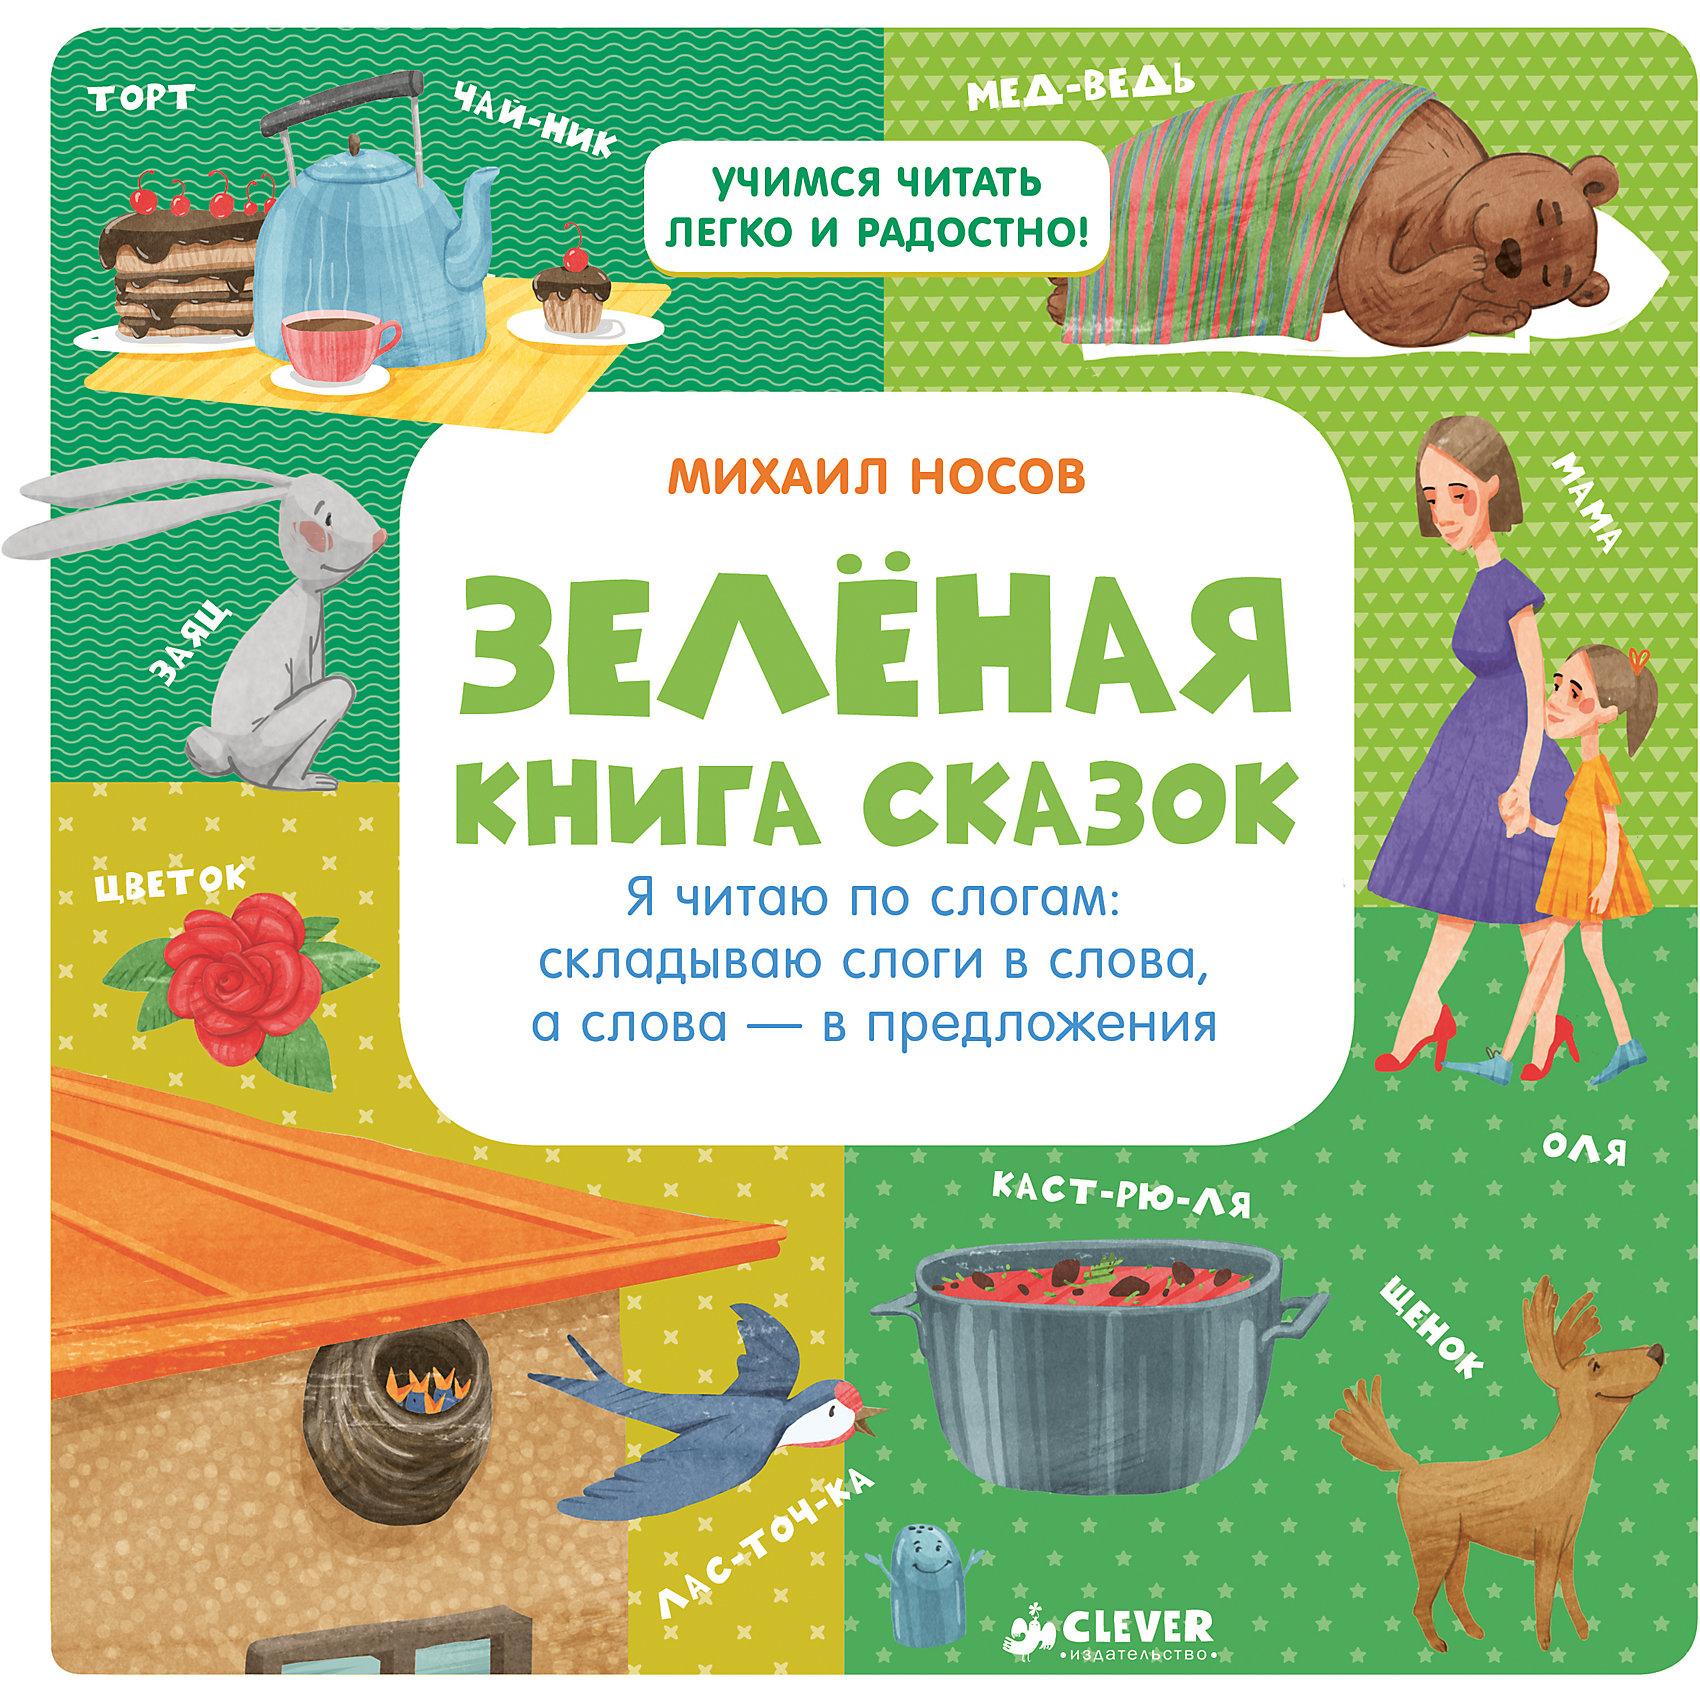 Зелёная книга сказок, Я читаю по слогам, М. НосовРусские сказки<br>Зелёная книга сказок, Я читаю по слогам, М. Носов.<br><br>Характеристики:<br><br>- Масса: 294 г;<br>- Размеры: 220x218x9 мм.<br><br>Каким волшебным способом легко и быстро увлечь ребенка чтением? Как помочь малышу почувствовать себя успешным? Ответы на эти вопросы точно знает Михаил Носов - известный методист, воспитатель и просто дедушка. <br><br>Предлагаем вашему вниманию 3 книги добрых сказок и методику, которая вот уже более 25 лет помогает распахнуть двери мировой литературы перед сотнями маленьких читателей. На каждом развороте книги - одна сказка на 2-3 минуты чтения - интересный для малыша небольшой текс - крупный шрифт, слова разделены на слоги - ударения в каждом слове - большие яркие картинки <br><br>Очень радует, что в издательстве CLEVER появилось именно такое сказочно-волшебное и очень доброе воплощение многолетней научной авторской методики Носова по чтению. Ребенок не просто учится читать - читая эти сказки-рассказы всего 3 минутки, малыш увидит яркий мультфильм, наполненный удивительными персонажами, веселыми соревнованиями, юмором, добротой и удивительной человечностью.<br><br>Зелёную книгу сказок, Я читаю по слогам, М. Носов., можно купить в нашем интернет – магазине.<br><br>Ширина мм: 210<br>Глубина мм: 210<br>Высота мм: 10<br>Вес г: 328<br>Возраст от месяцев: 84<br>Возраст до месяцев: 132<br>Пол: Унисекс<br>Возраст: Детский<br>SKU: 5377879